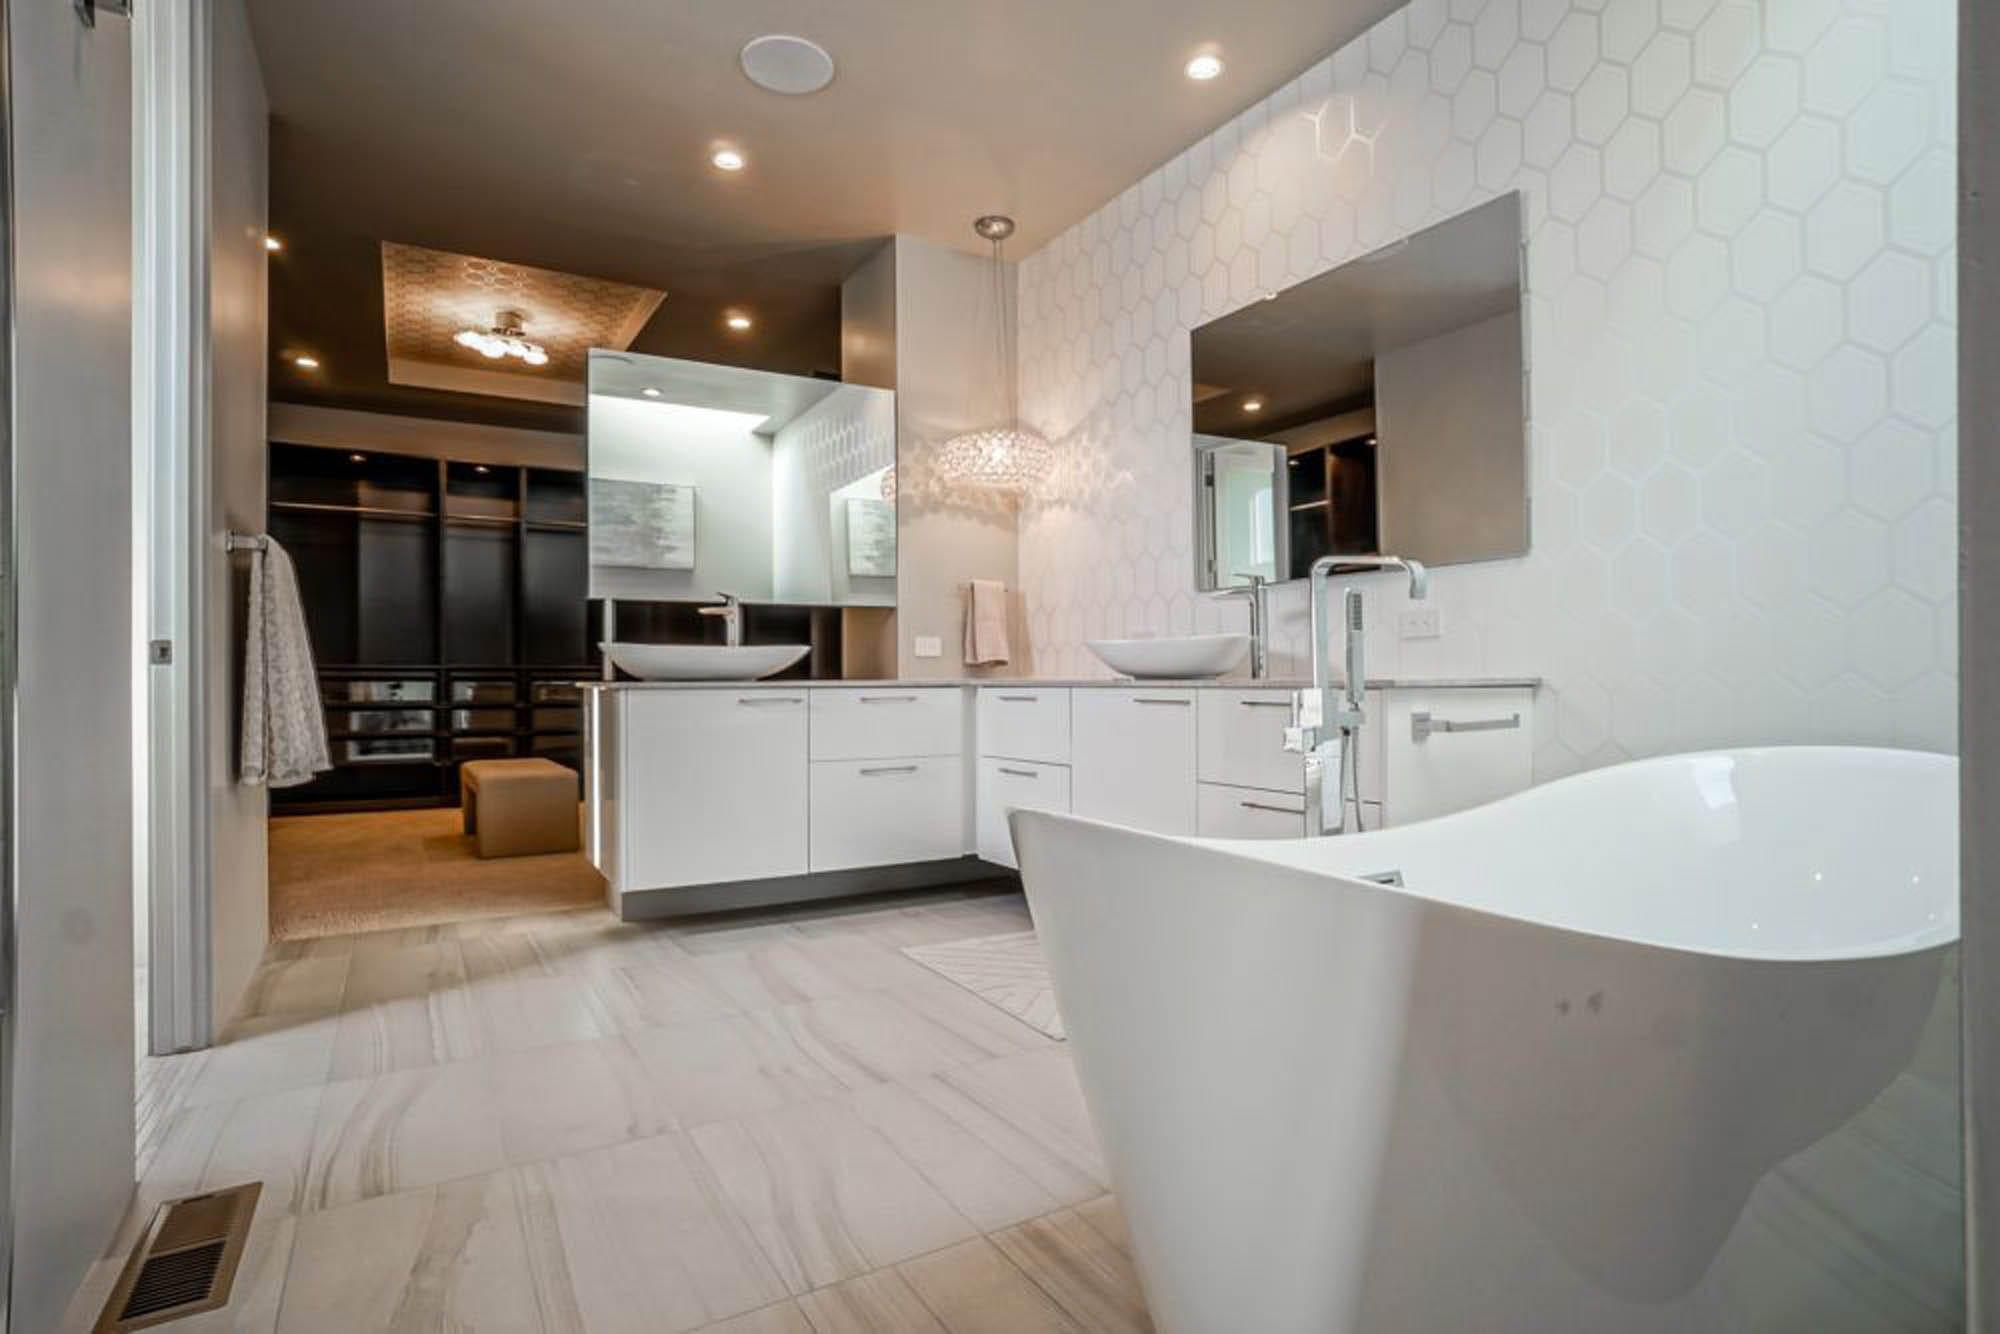 Spacious white tiled bathroom